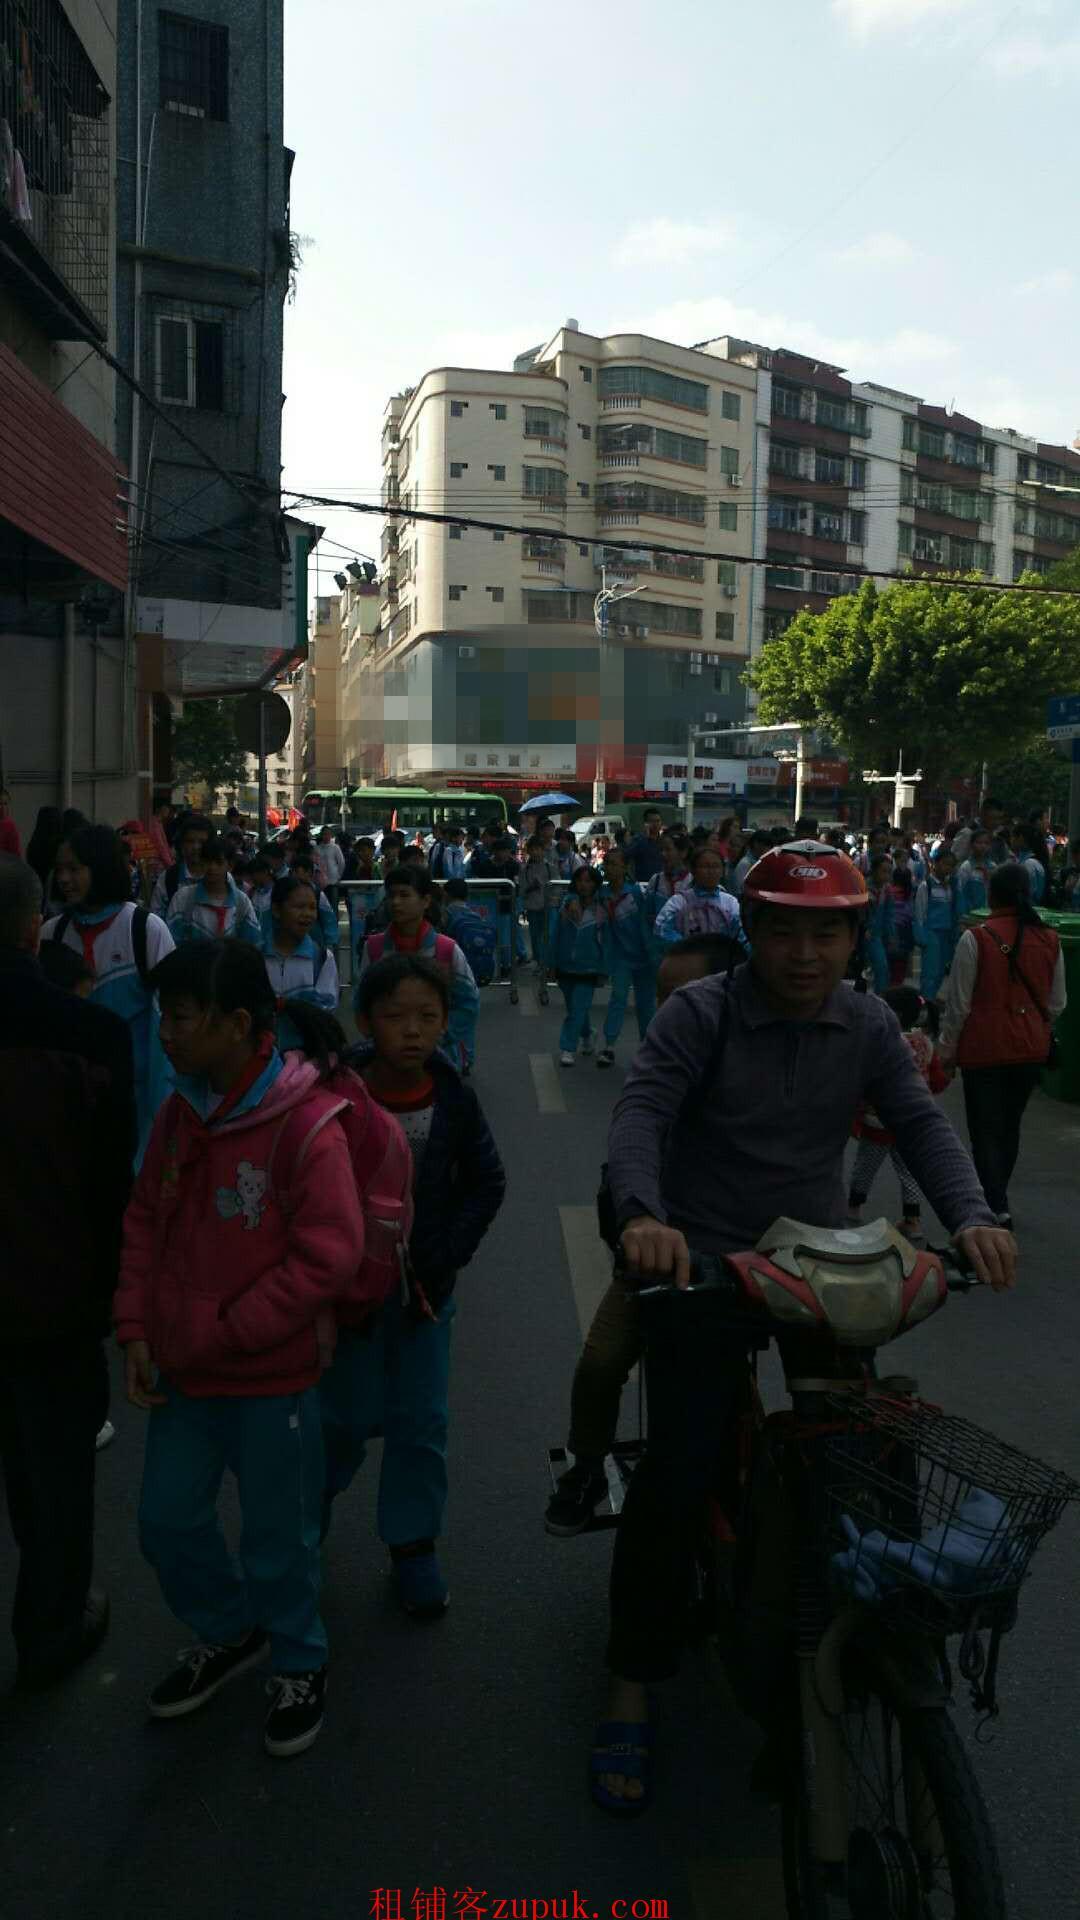 8千人学校铺位,周边无便利店竞争